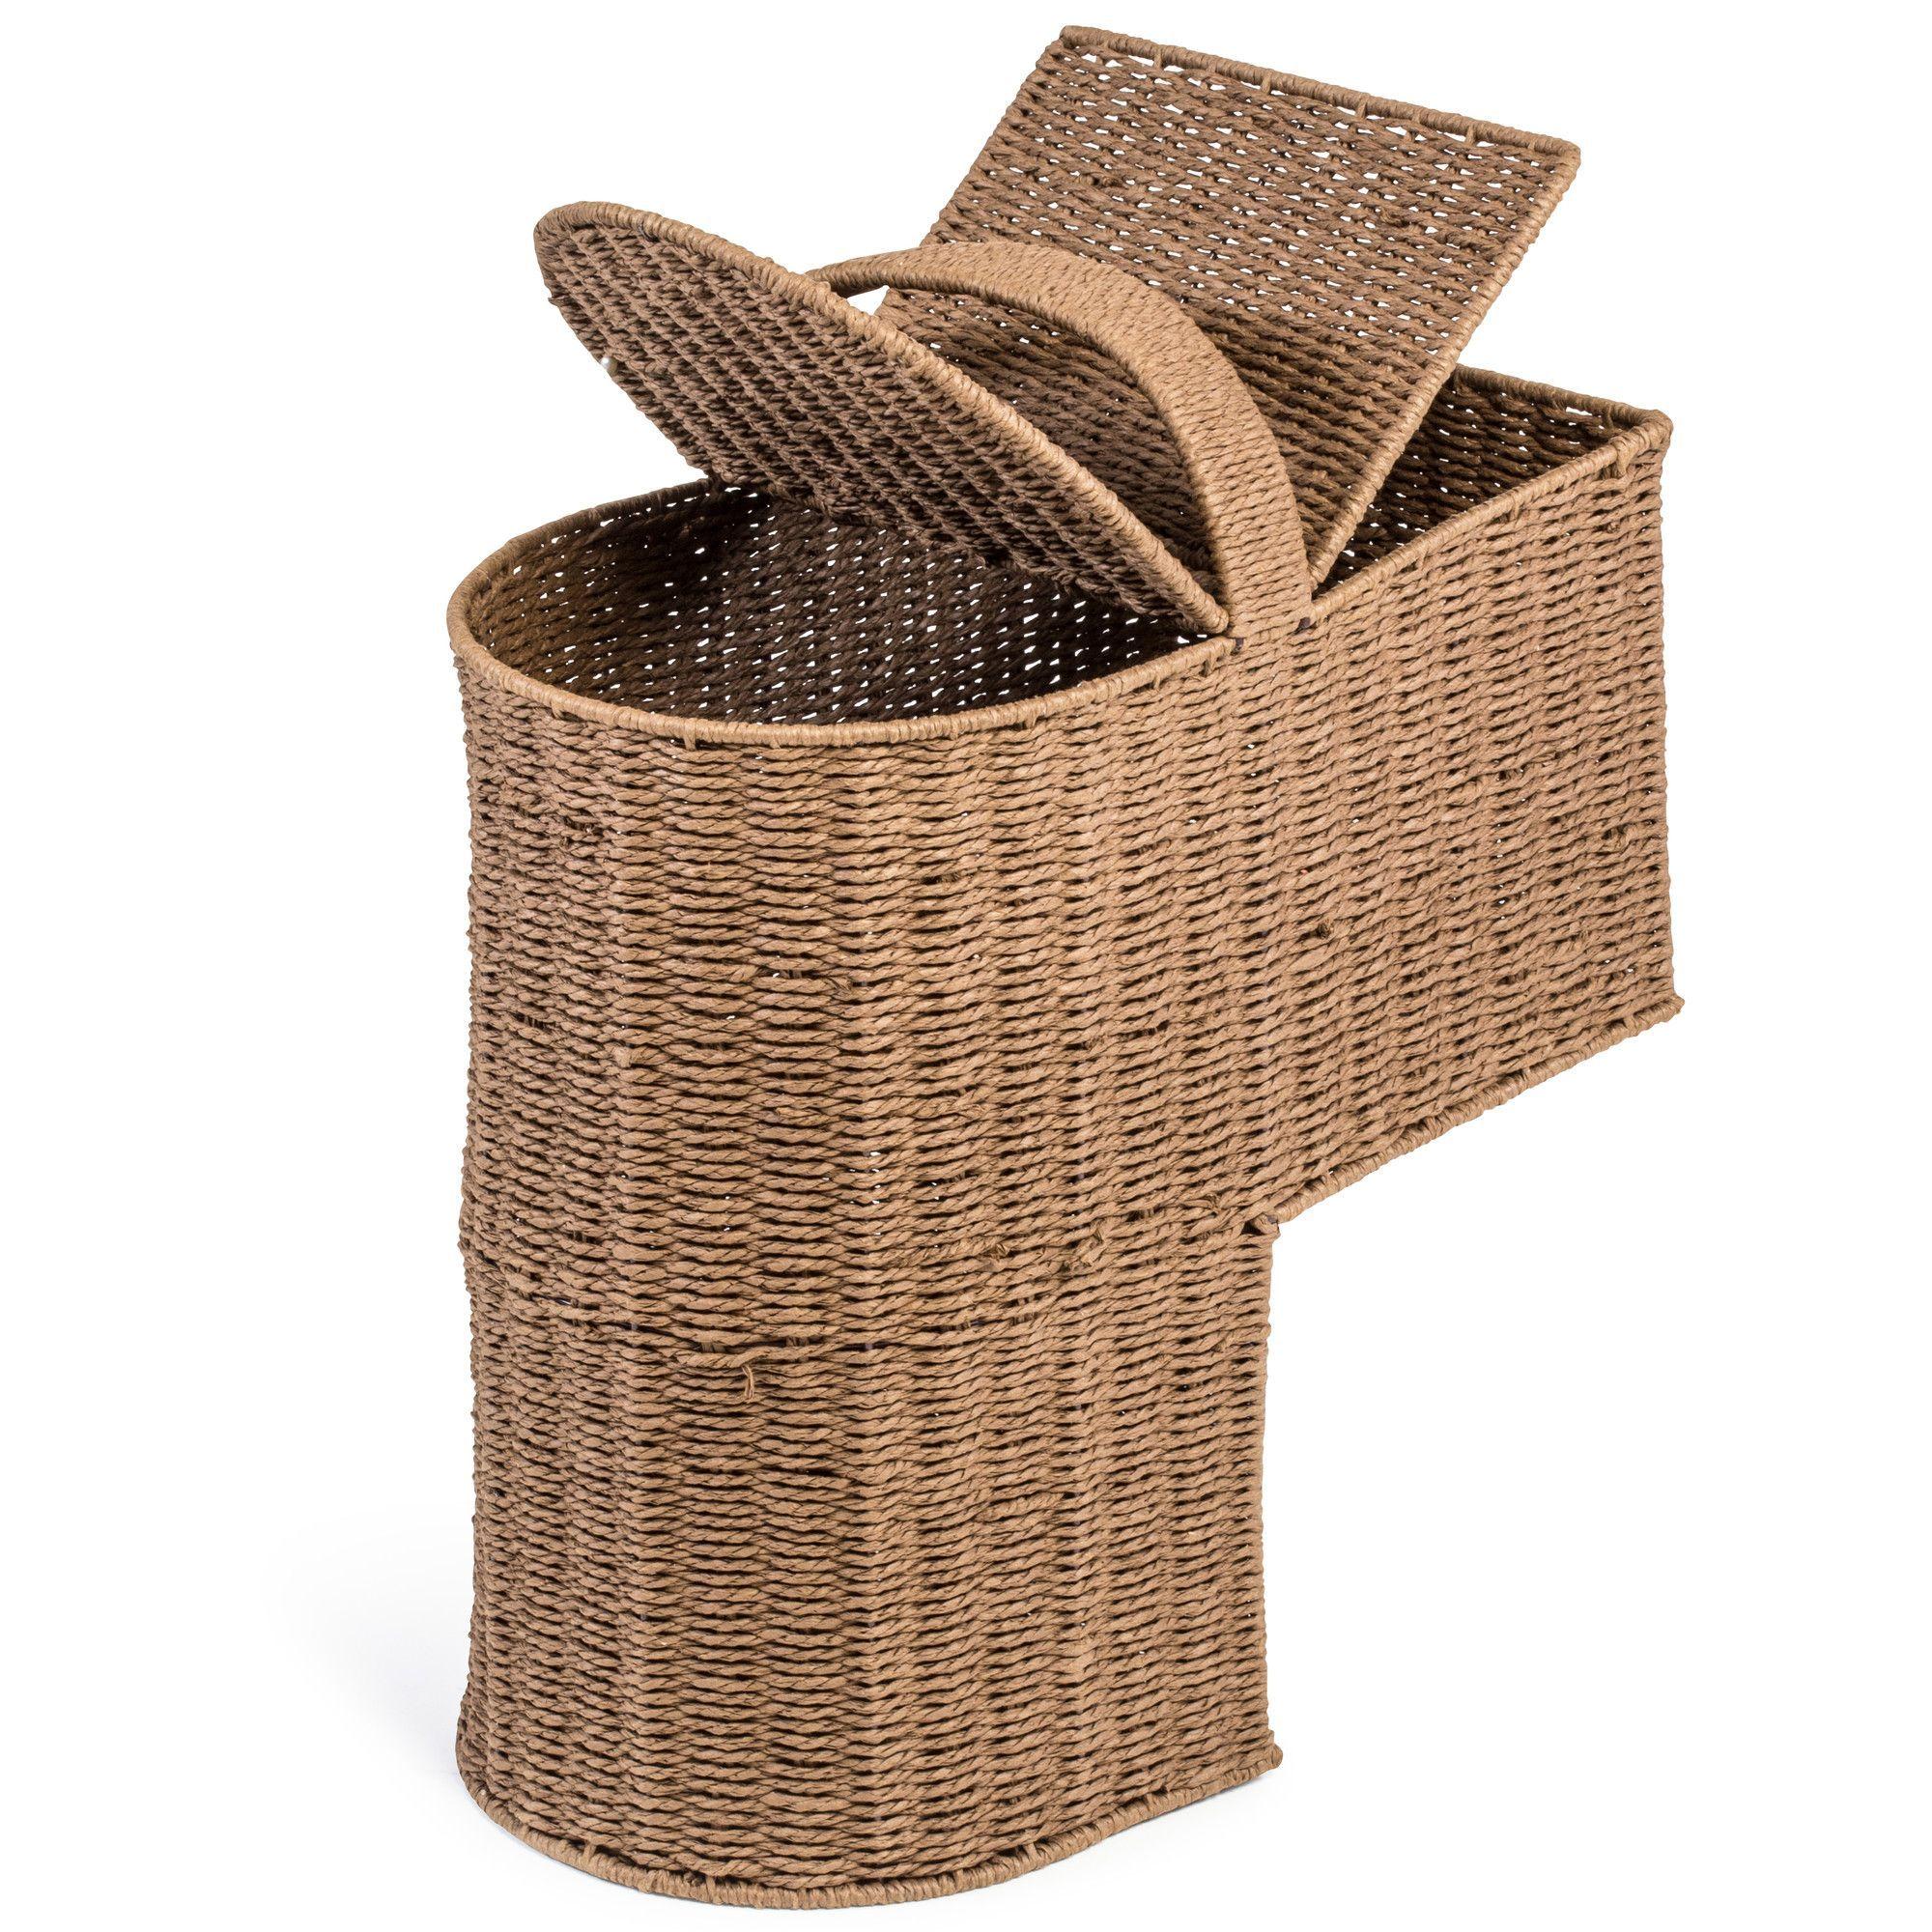 Merveilleux Storage Stair Basket With Handle   Wayfair